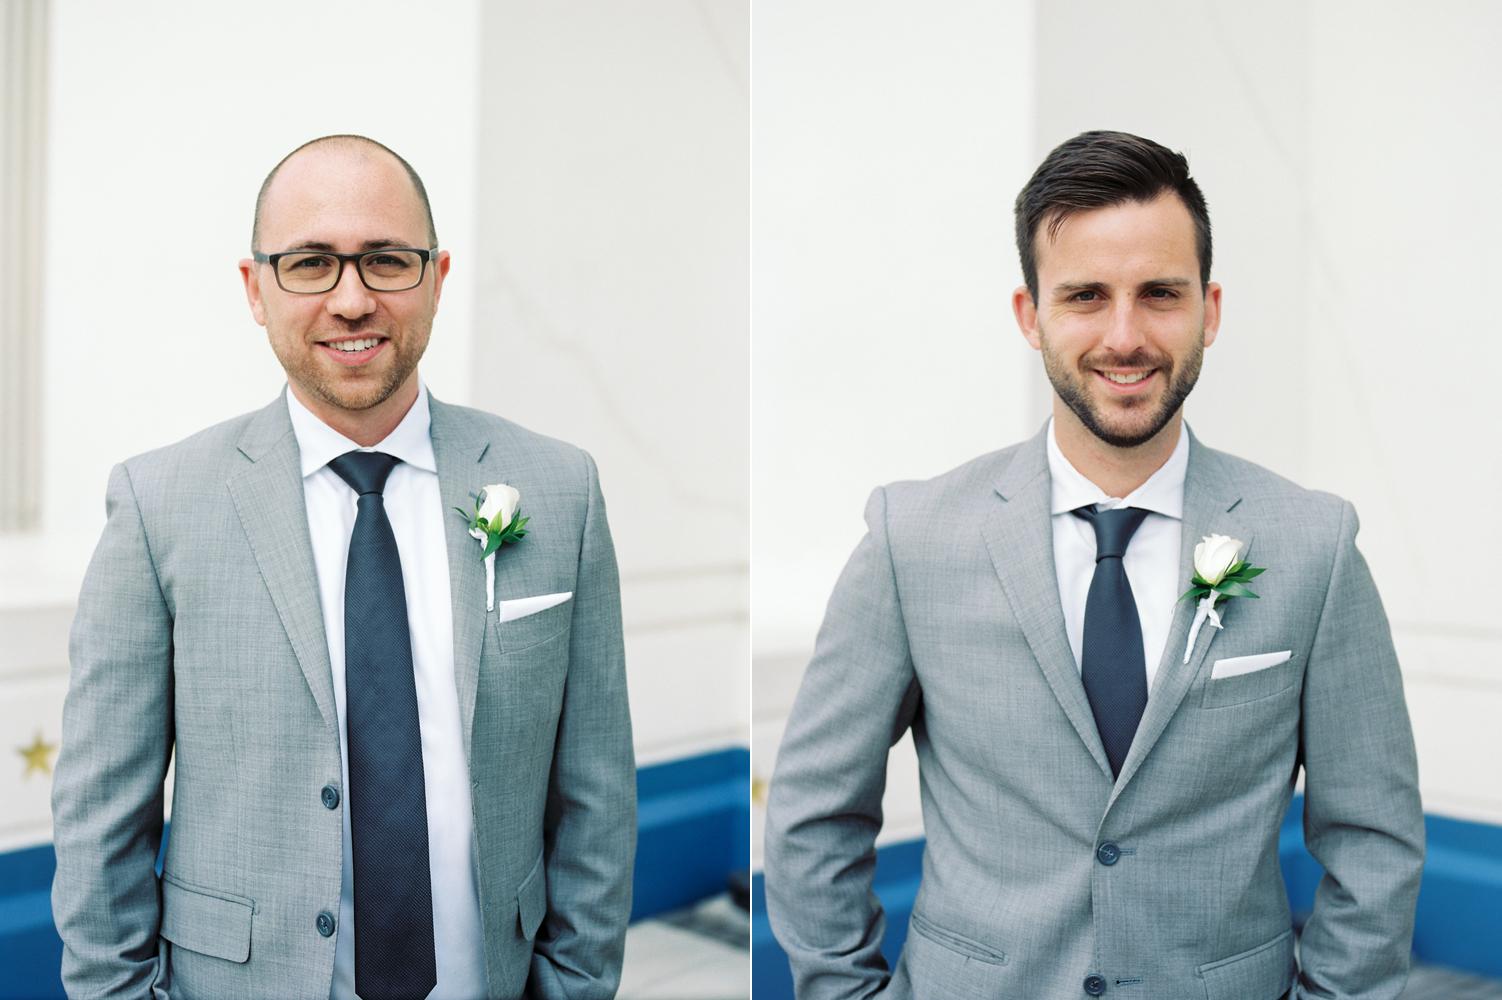 seattle museum of history and industry wedding groomsmen.jpg